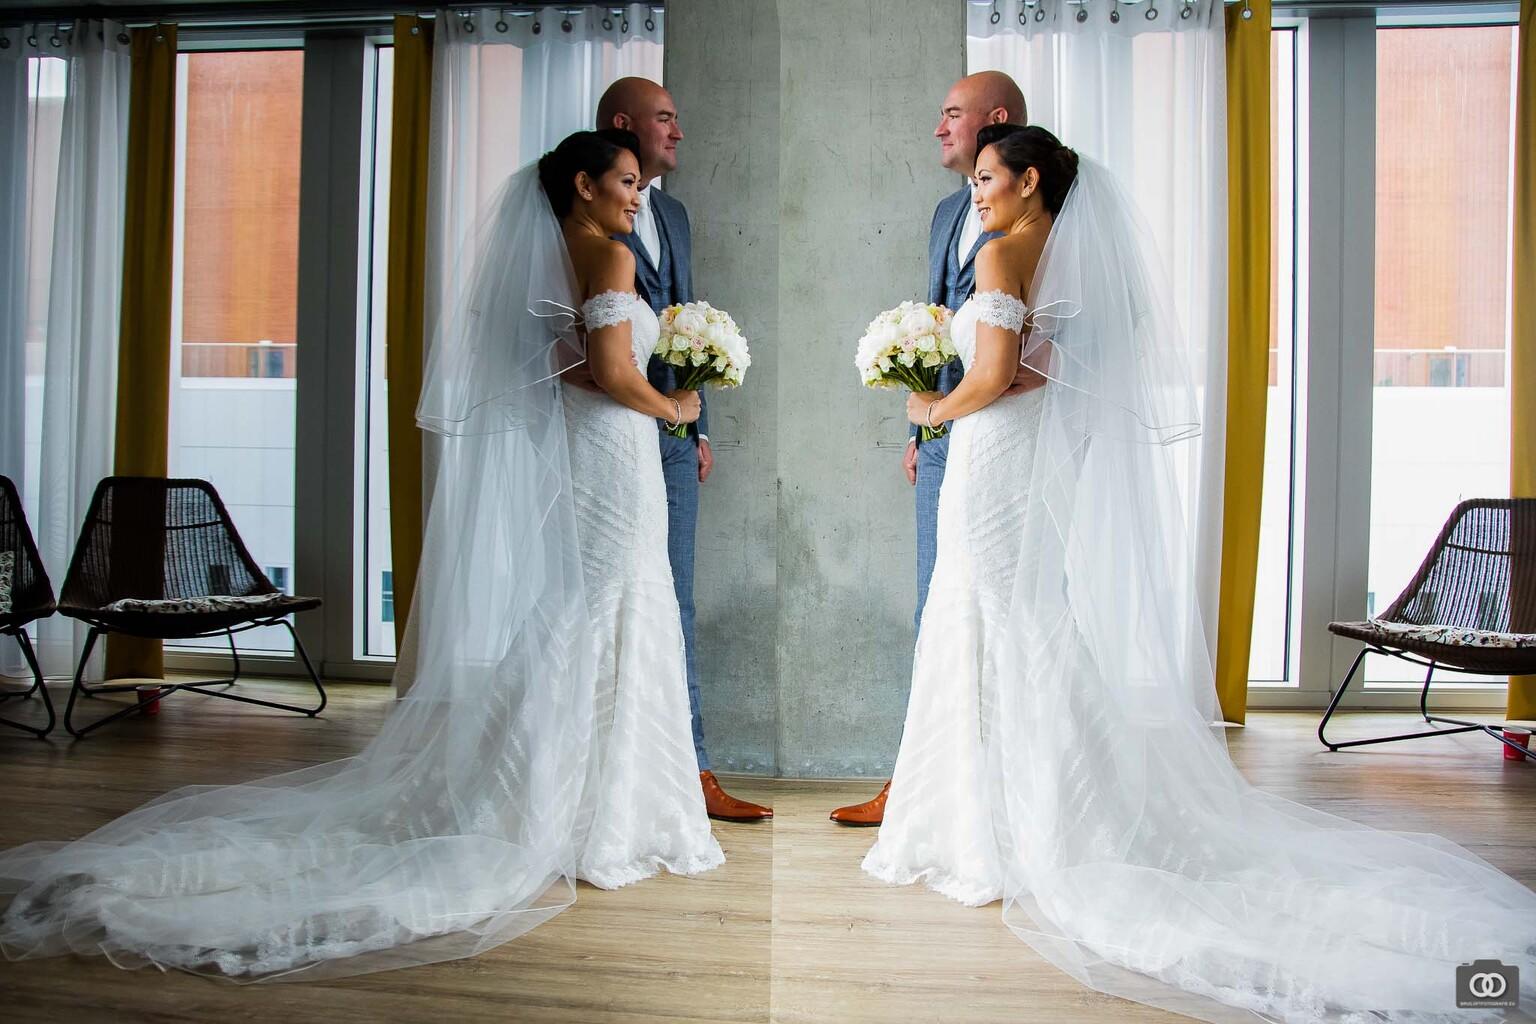 Reflectie - Reflectie van een bruidspaar in een gigantische tv op een hotelkamer - foto door robinlooy op 12-04-2021 - locatie: Wilhelminakade 137, 3072 AP Rotterdam, Nederland - deze foto bevat: fotografie, bruiloft, trouwen, trouwfotograaf, trouwfotografie, stel, koppel, bruidspaar, spiegel, reflectie, bruid, bruidegom, bruidsfotografie, bruidsfotograaf, trouwjurk, schouder, bruid, jurk, bruidskleding, bruids feestjurk, flitsfotografie, bloem, japon, gelukkig